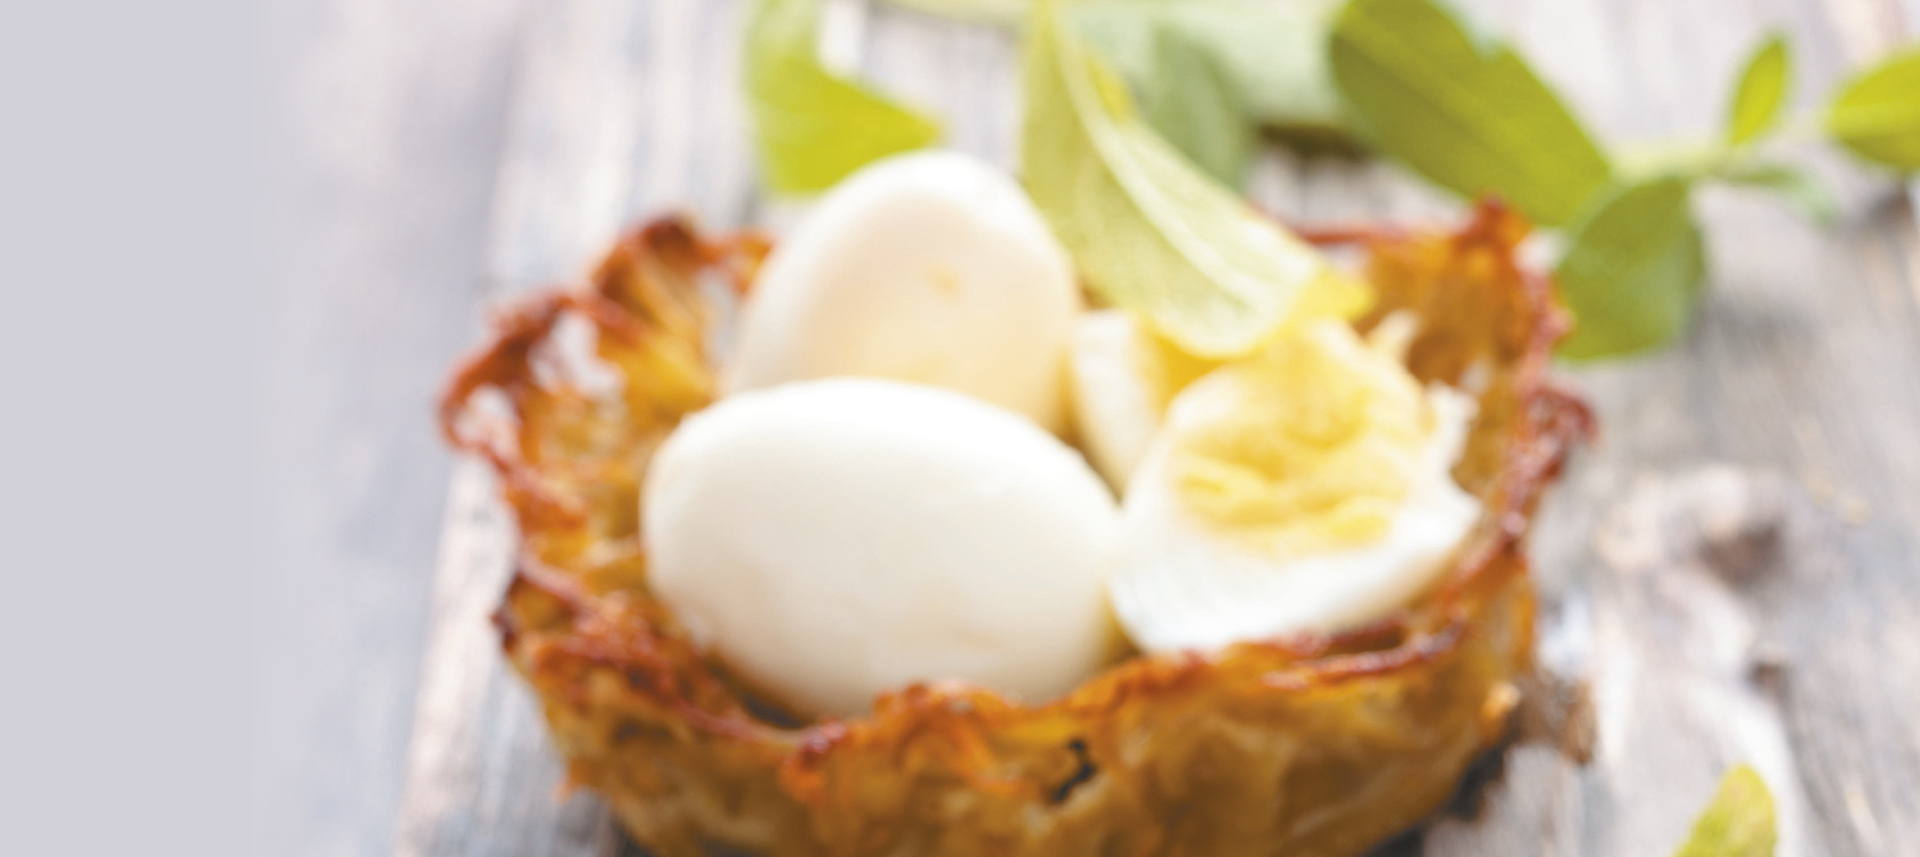 Gnijezda od krumpira s prepeličjim jajima.jpg